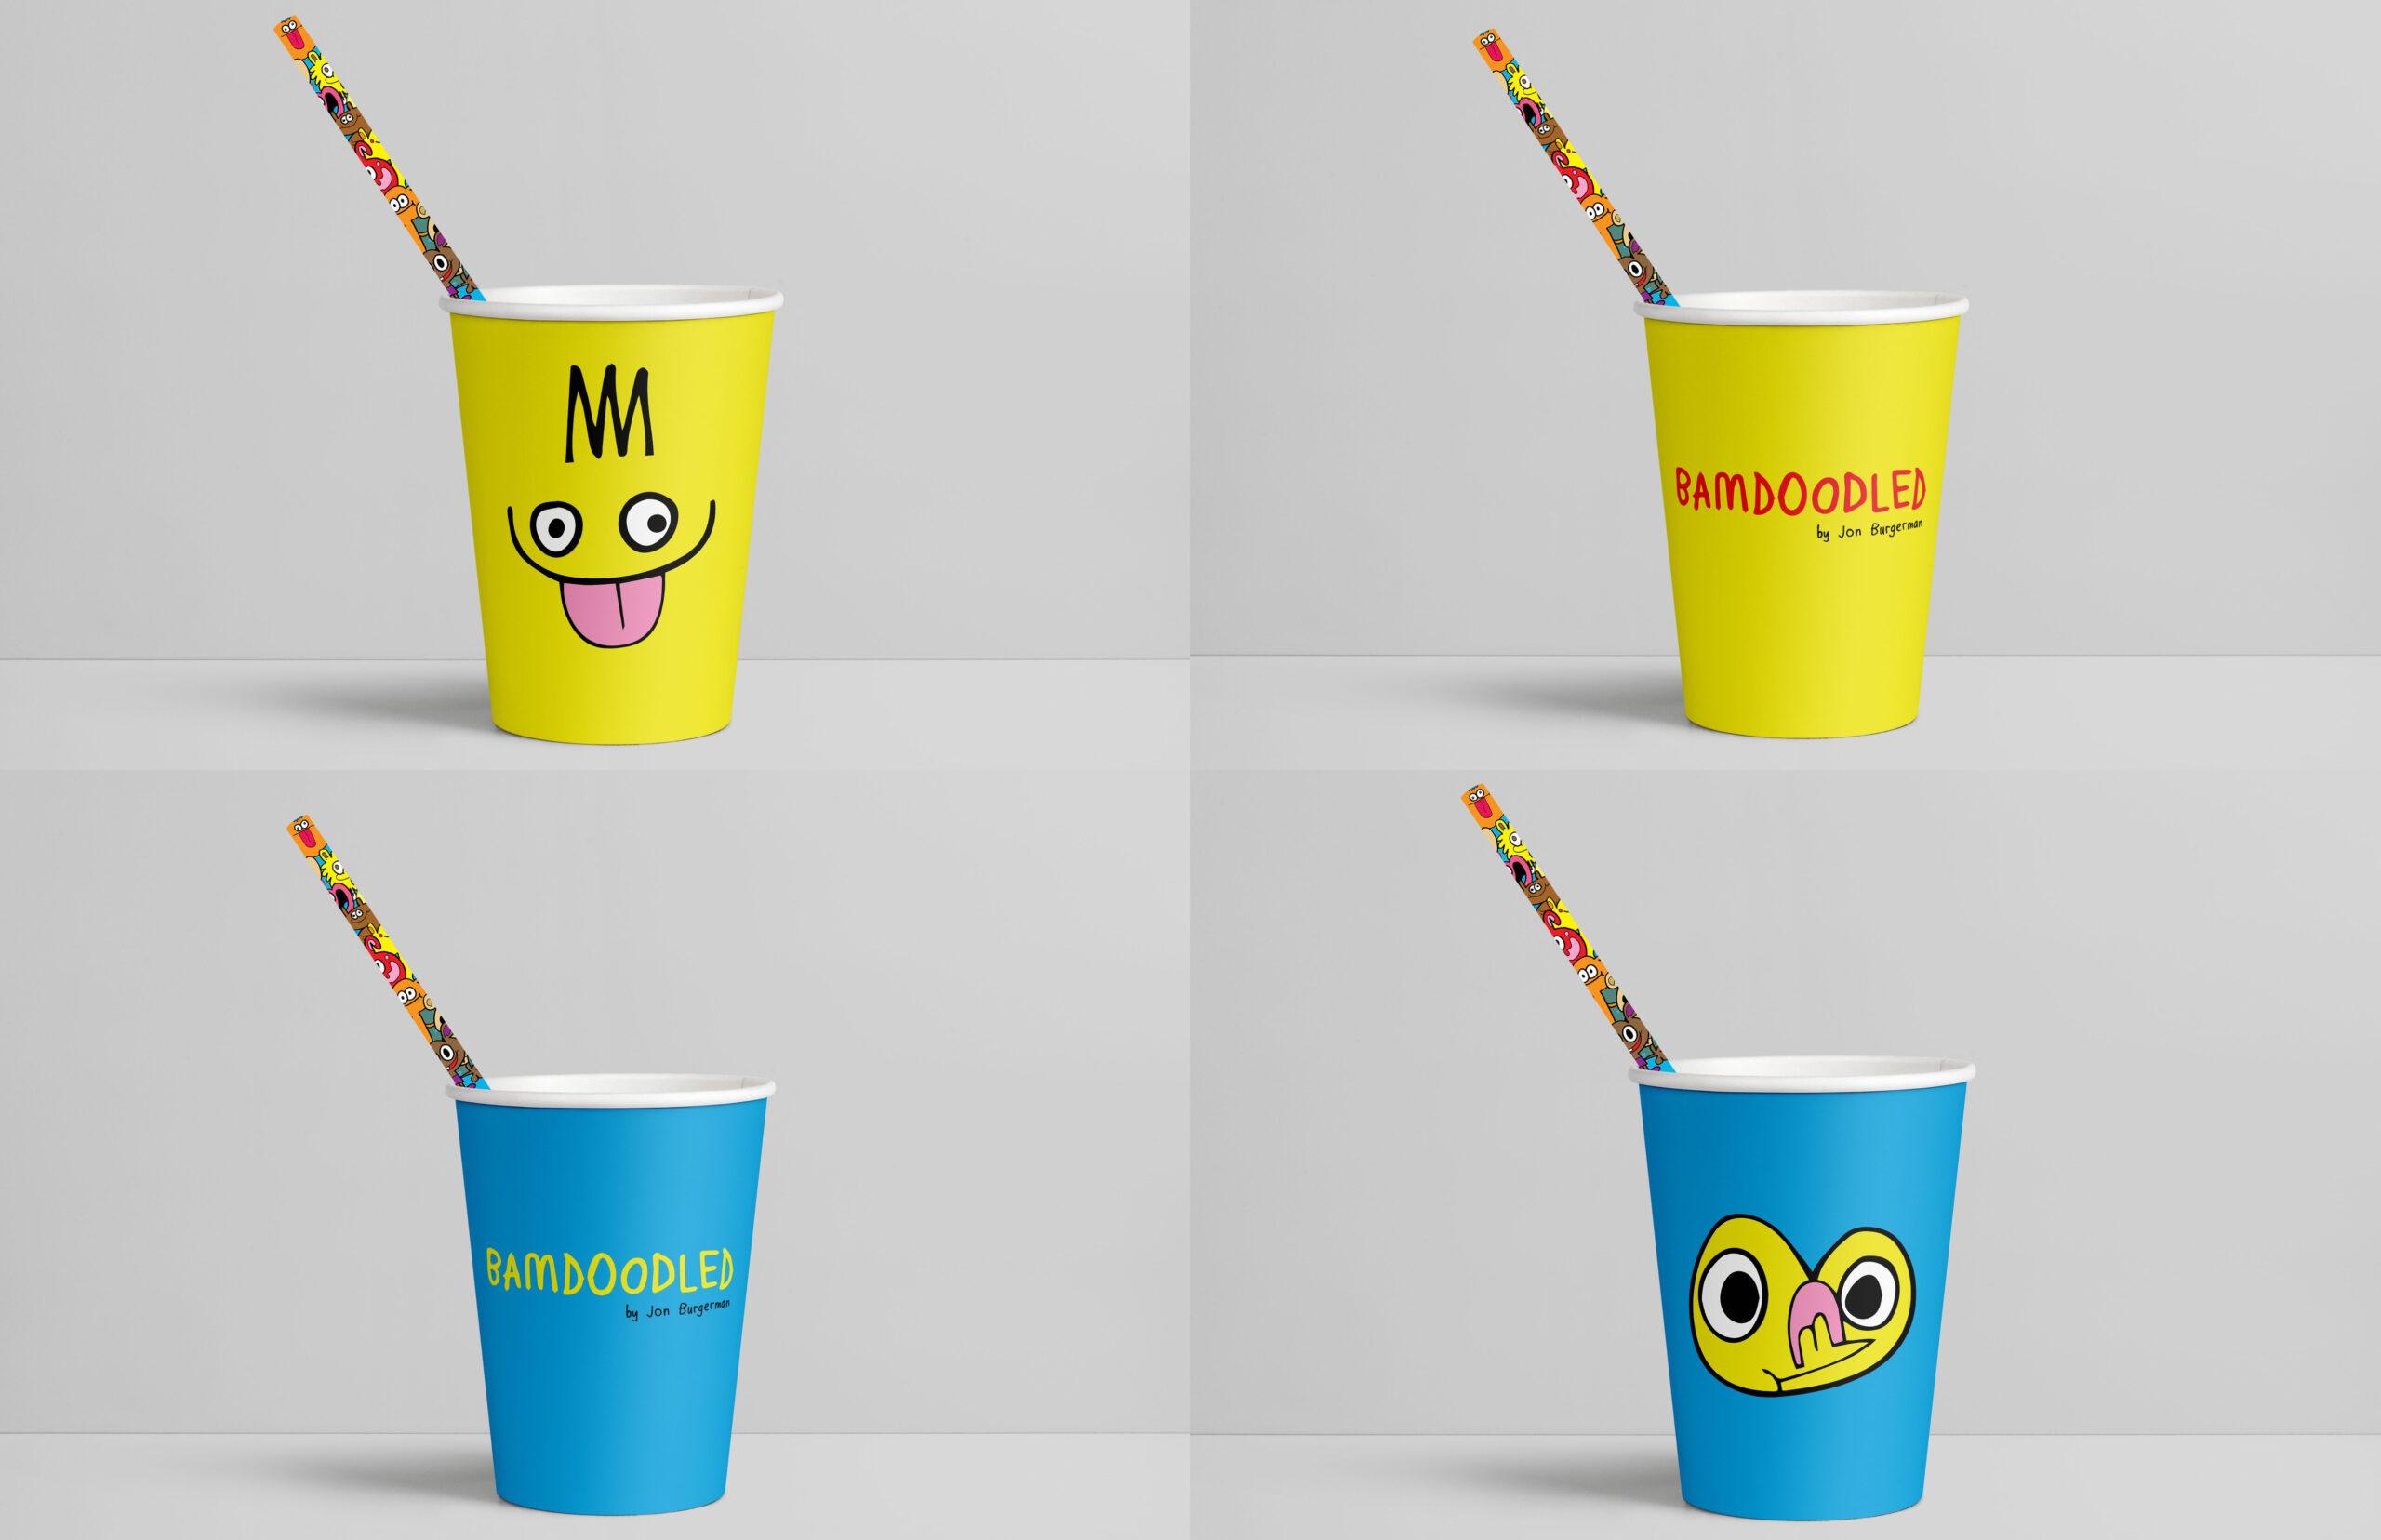 bamdoodled-portfolio12